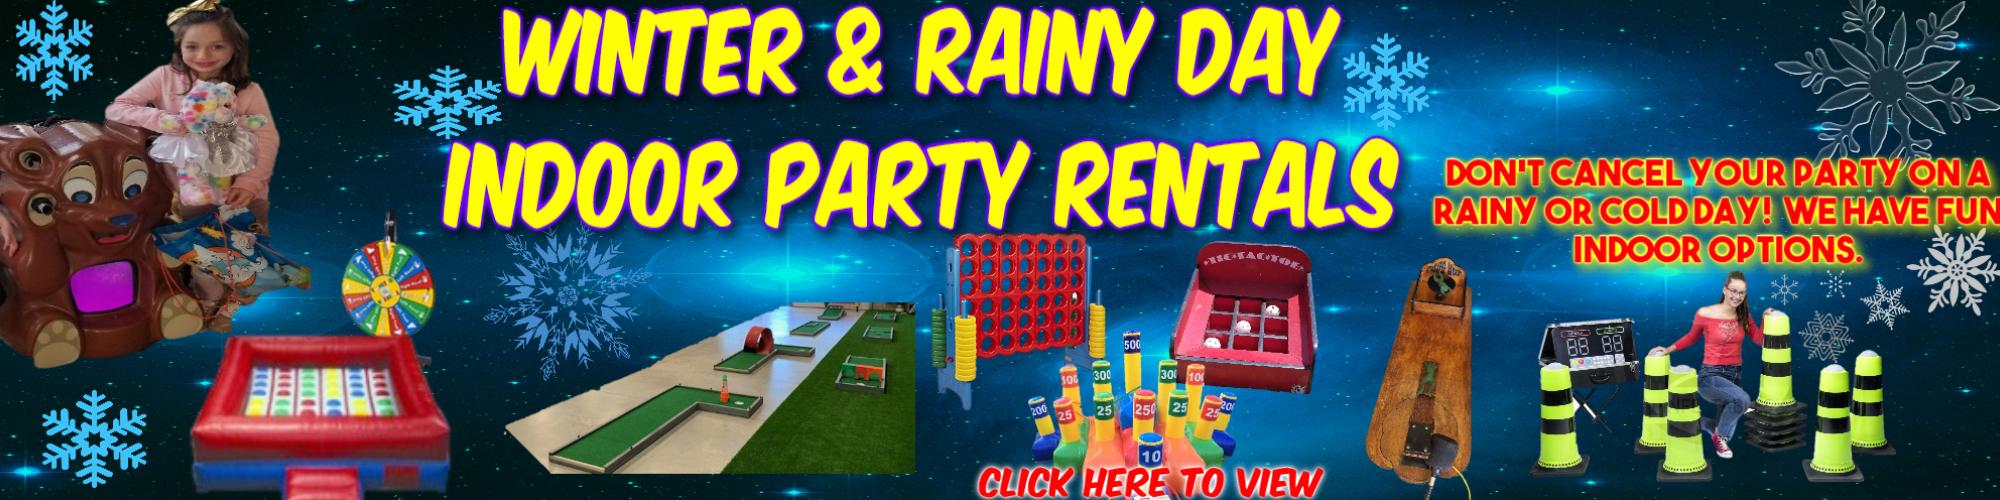 Rainy Day Party RentalsTexas